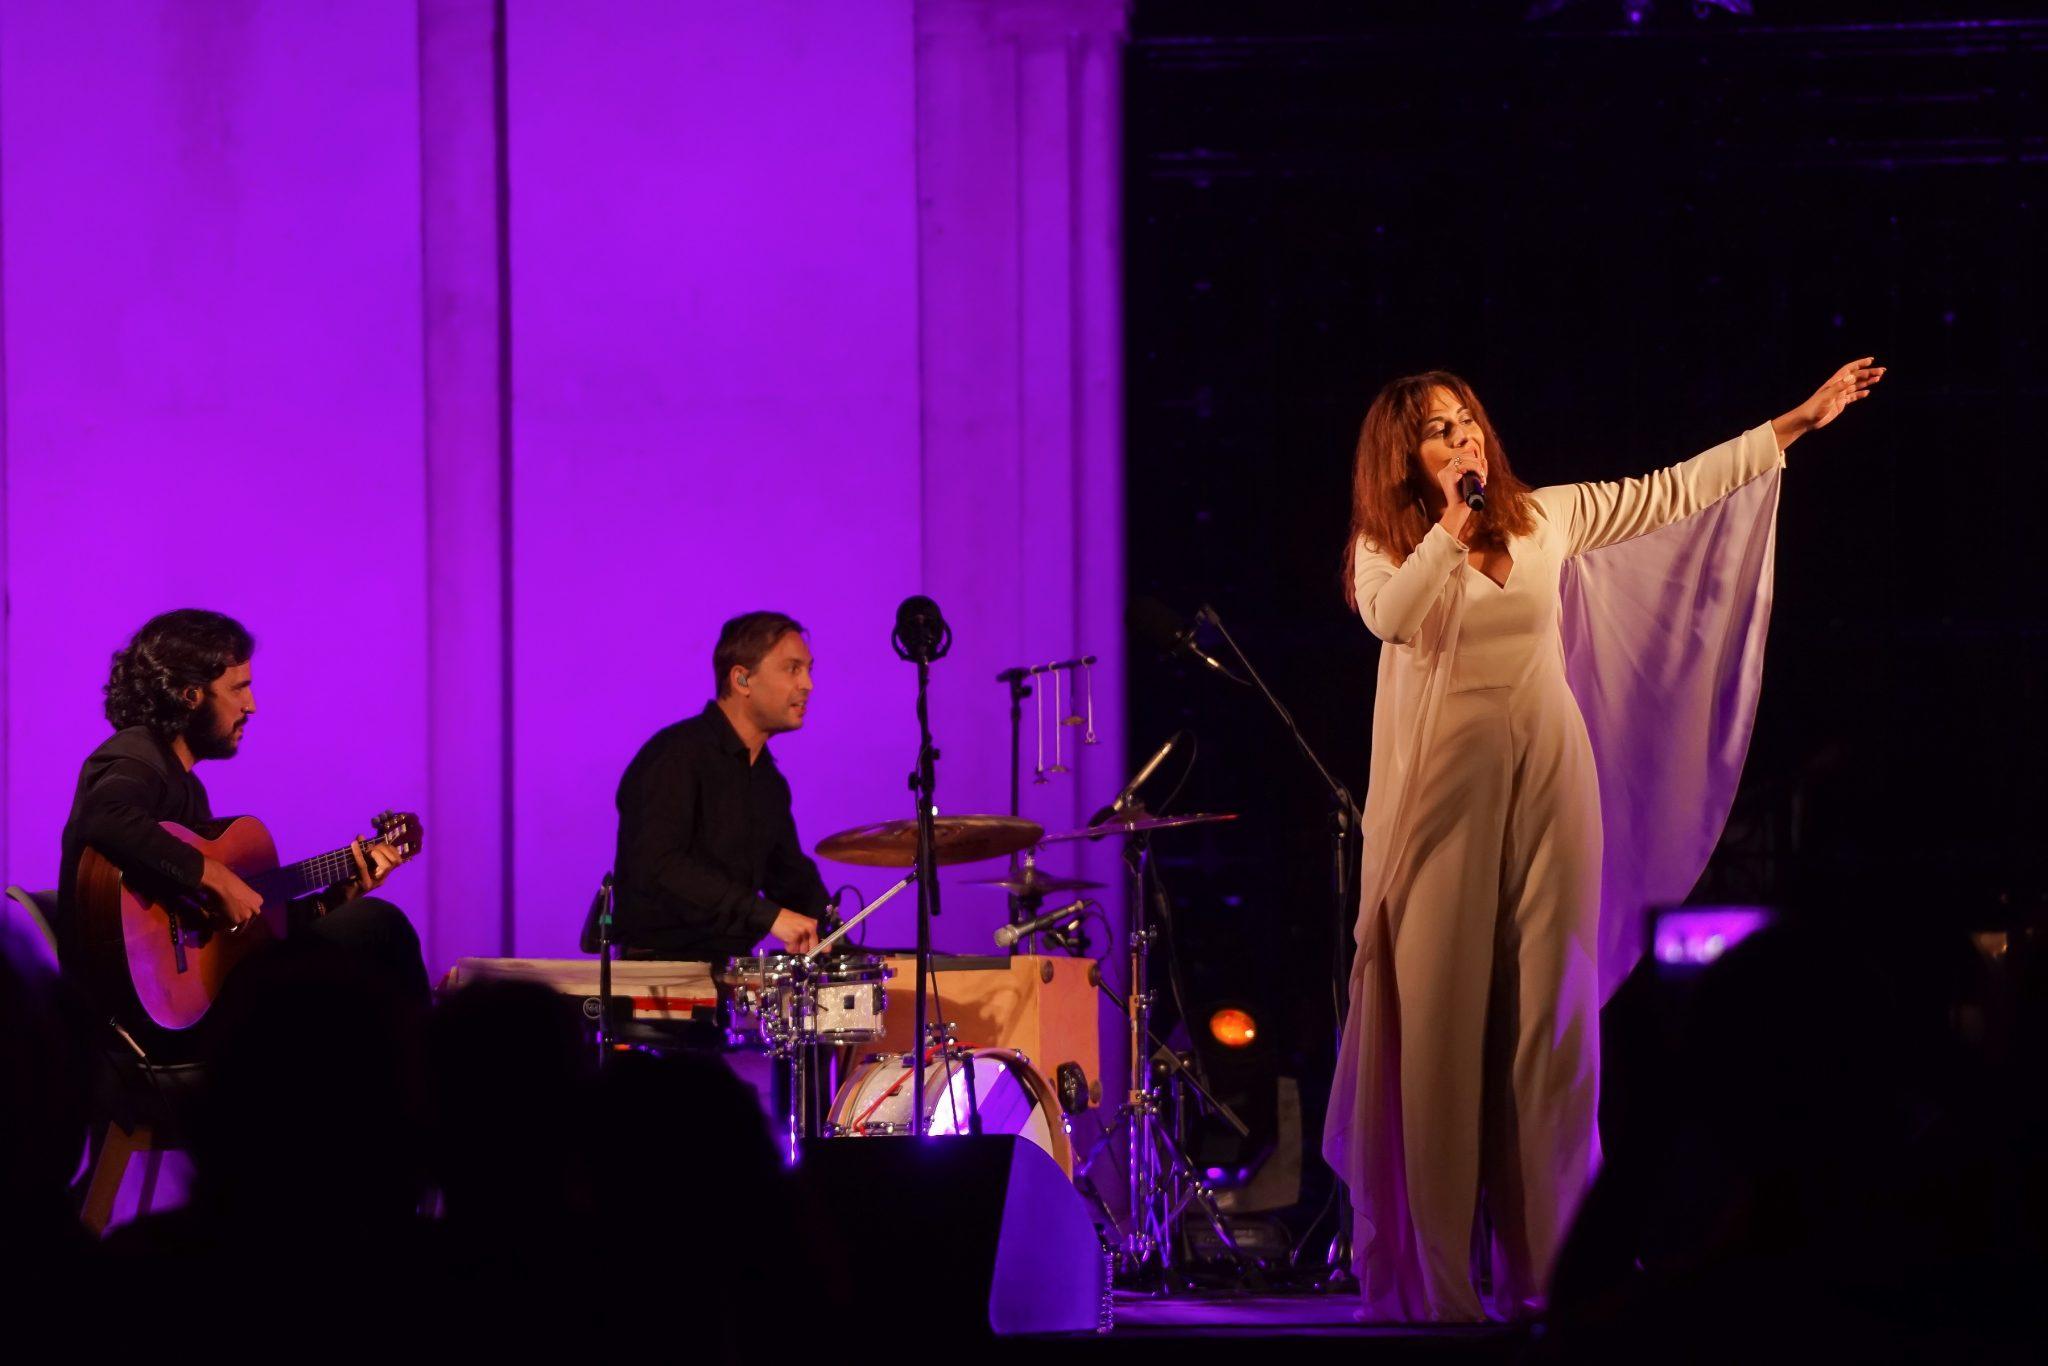 Fadista Sara Correia a cantar acompanhada por dois dos quatro músicos que com ela estiveram em palco